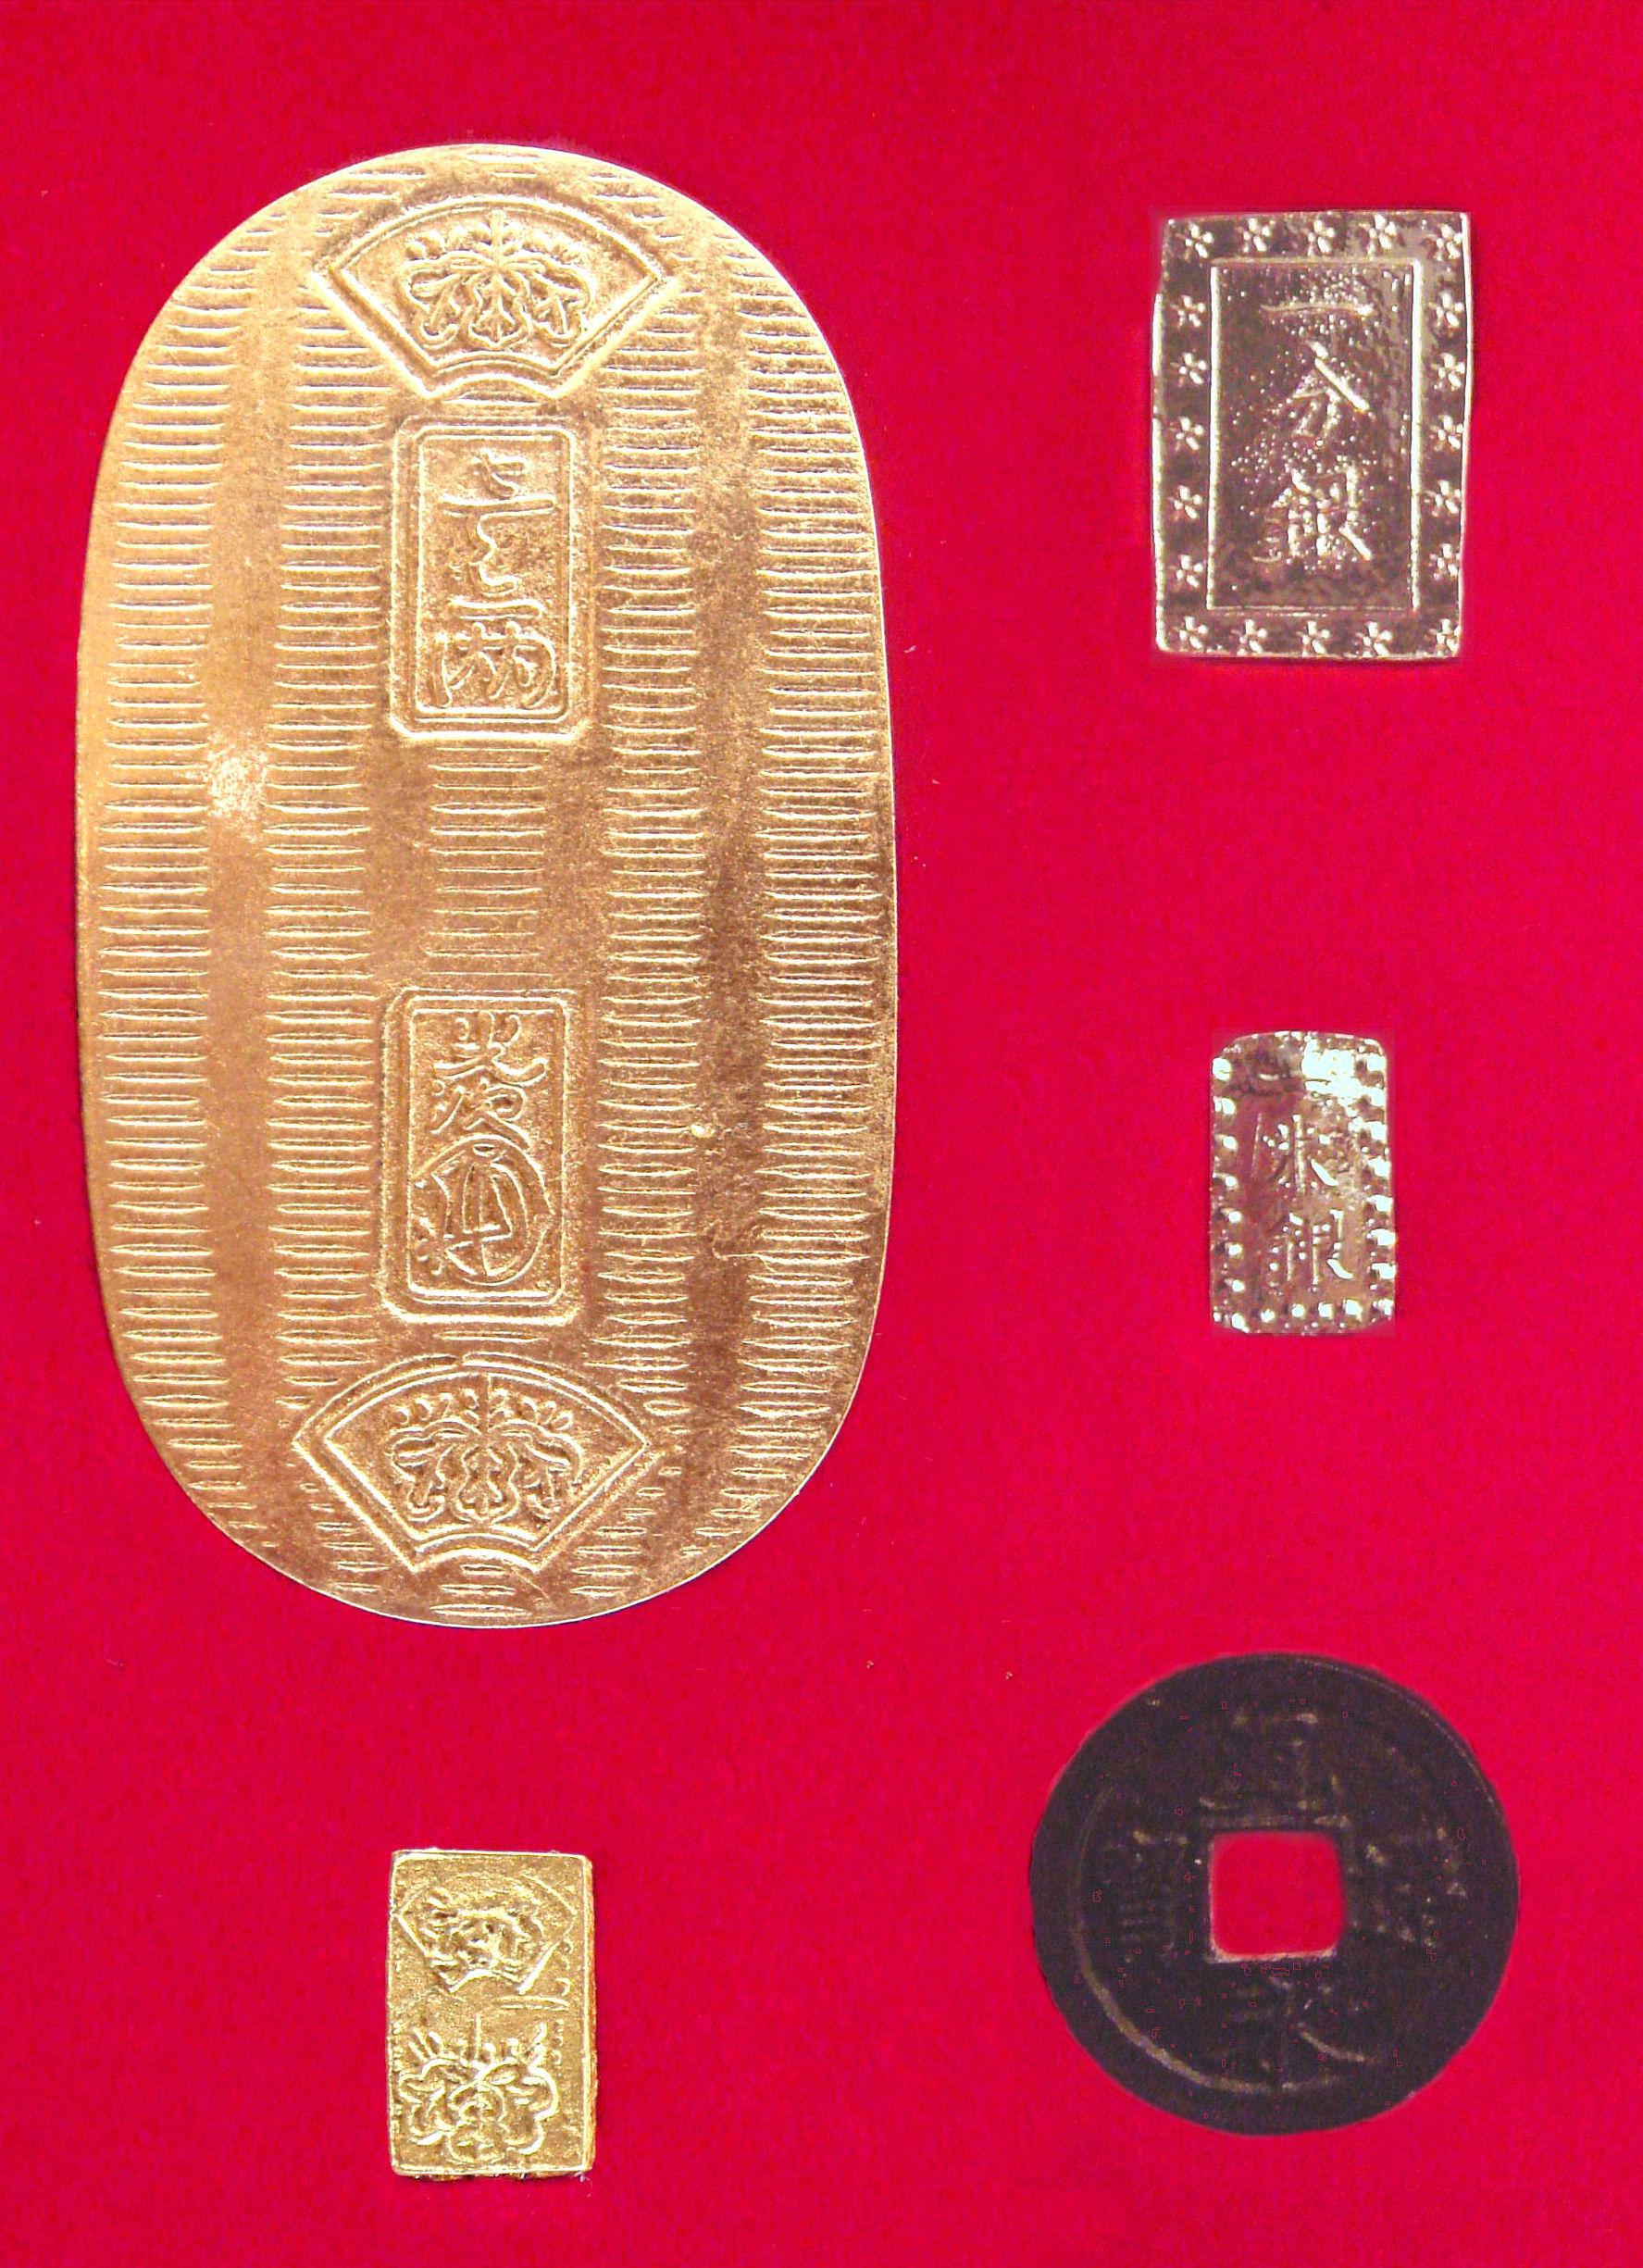 Monete dell'era Edo. Una moneta d'oro, una monetina d'oro, due d'argento e una in rame.